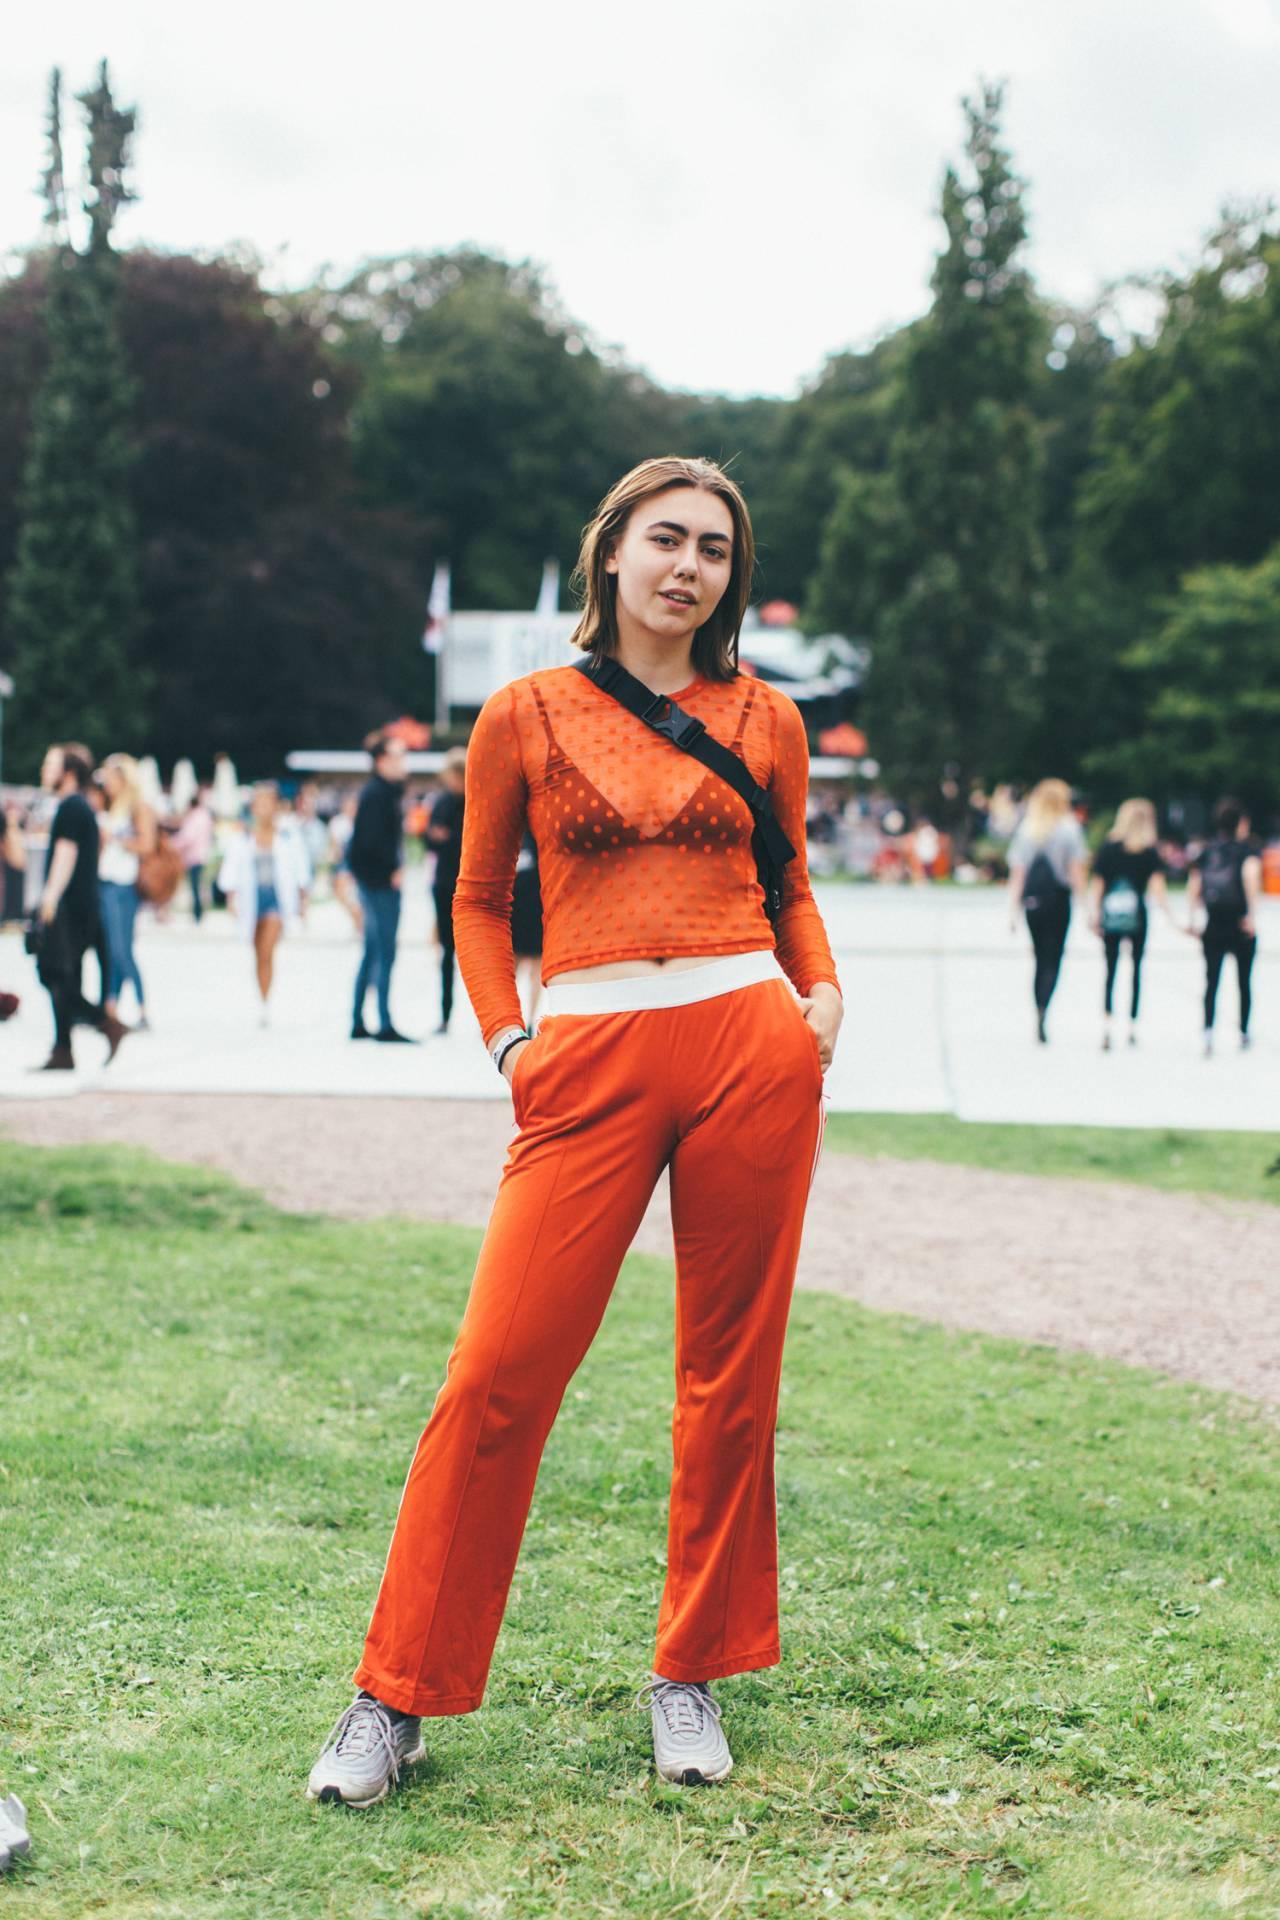 Tjej i orange outfit.